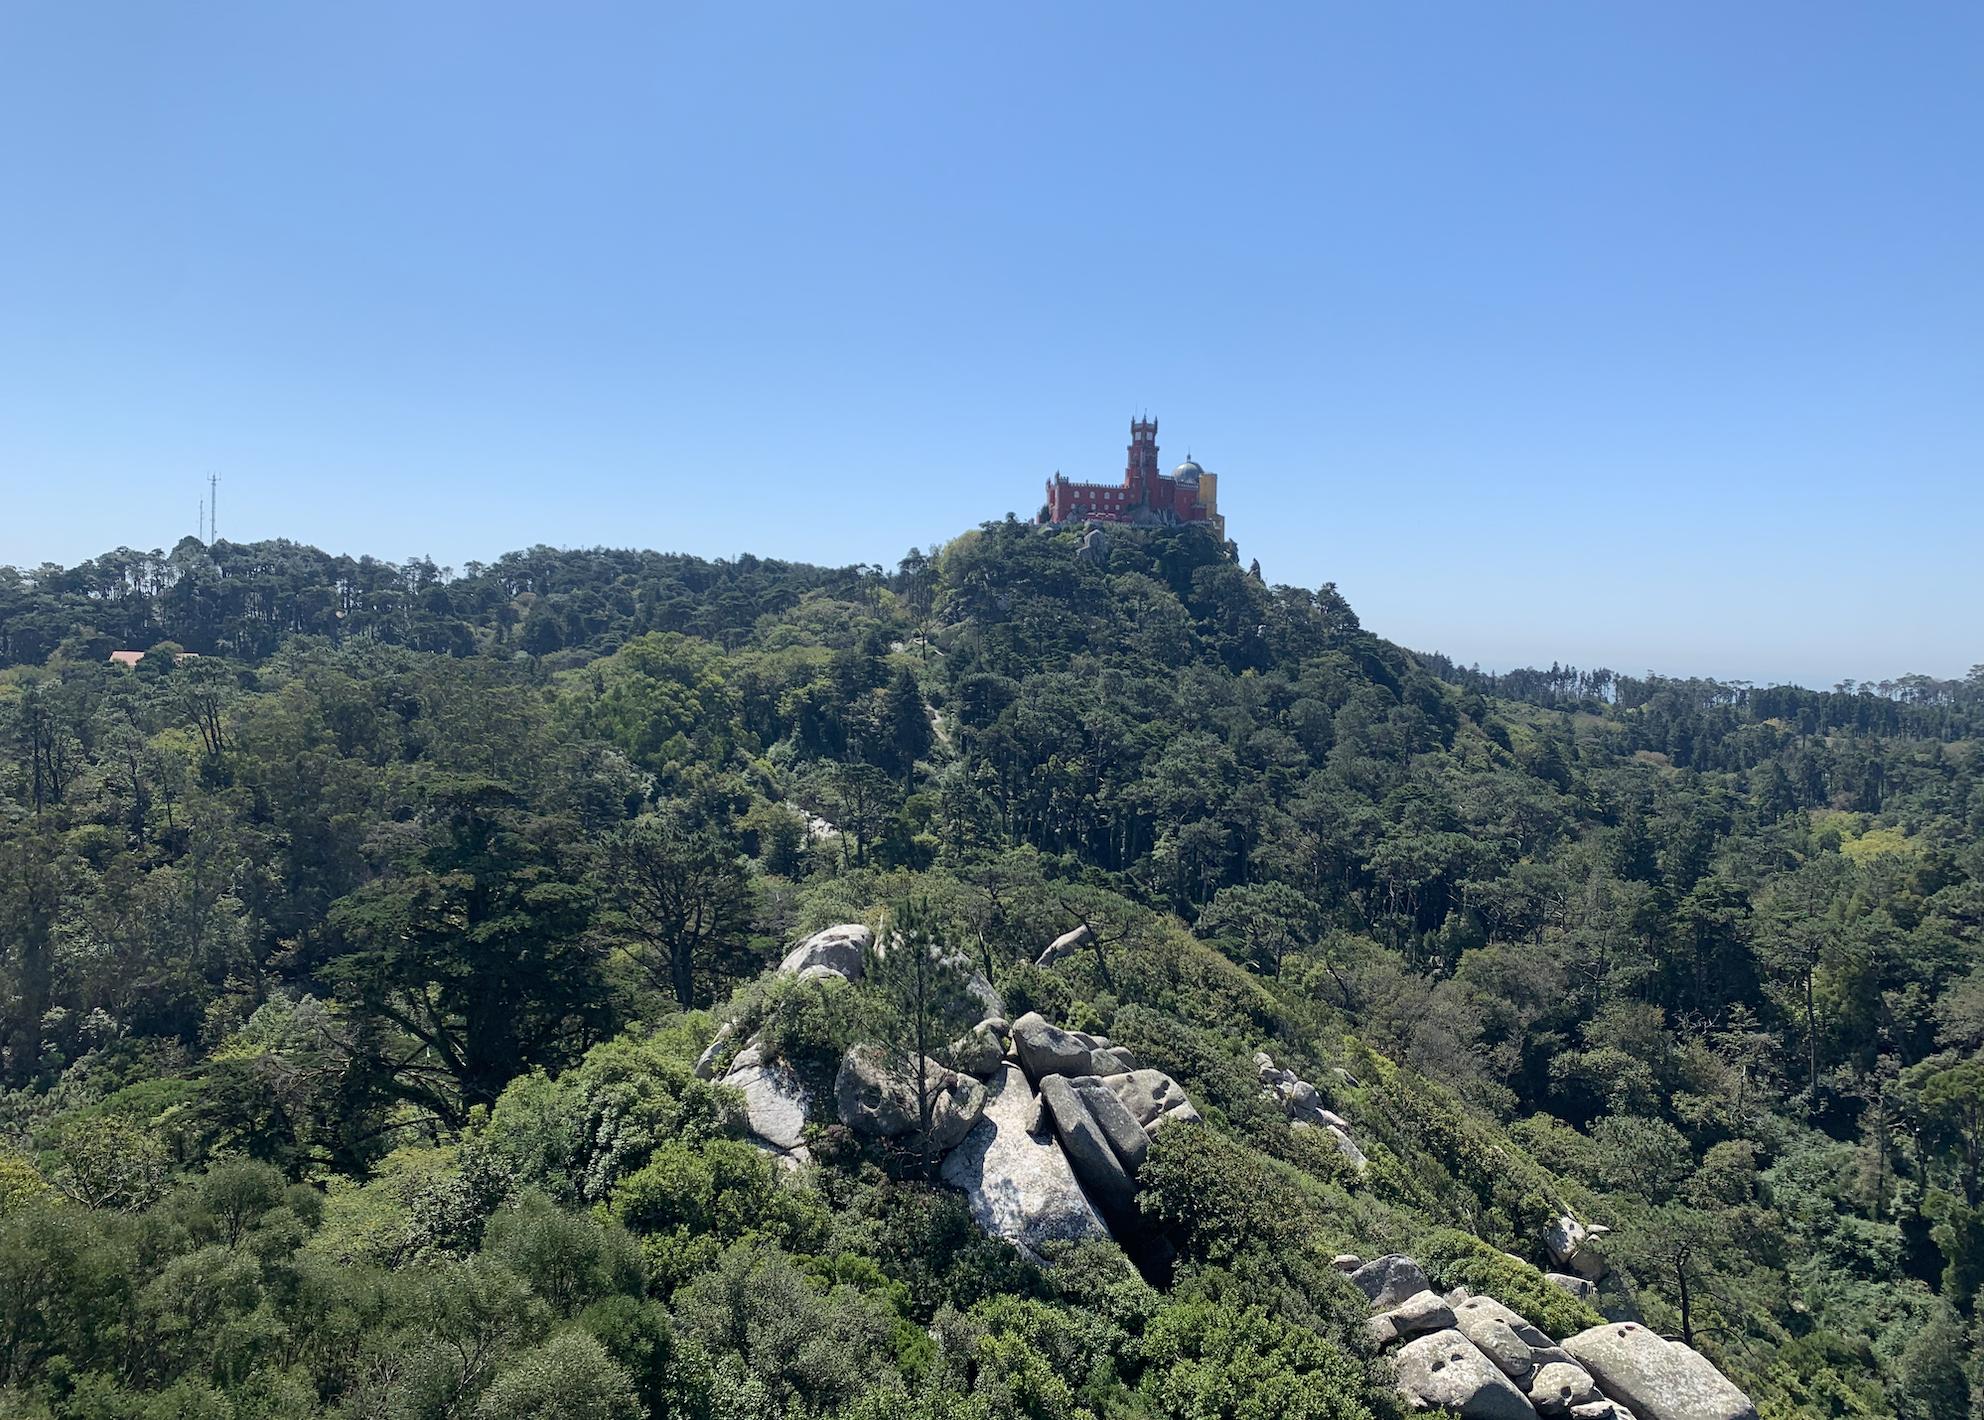 vue sur le palais national de pena depuis le chateau des maures